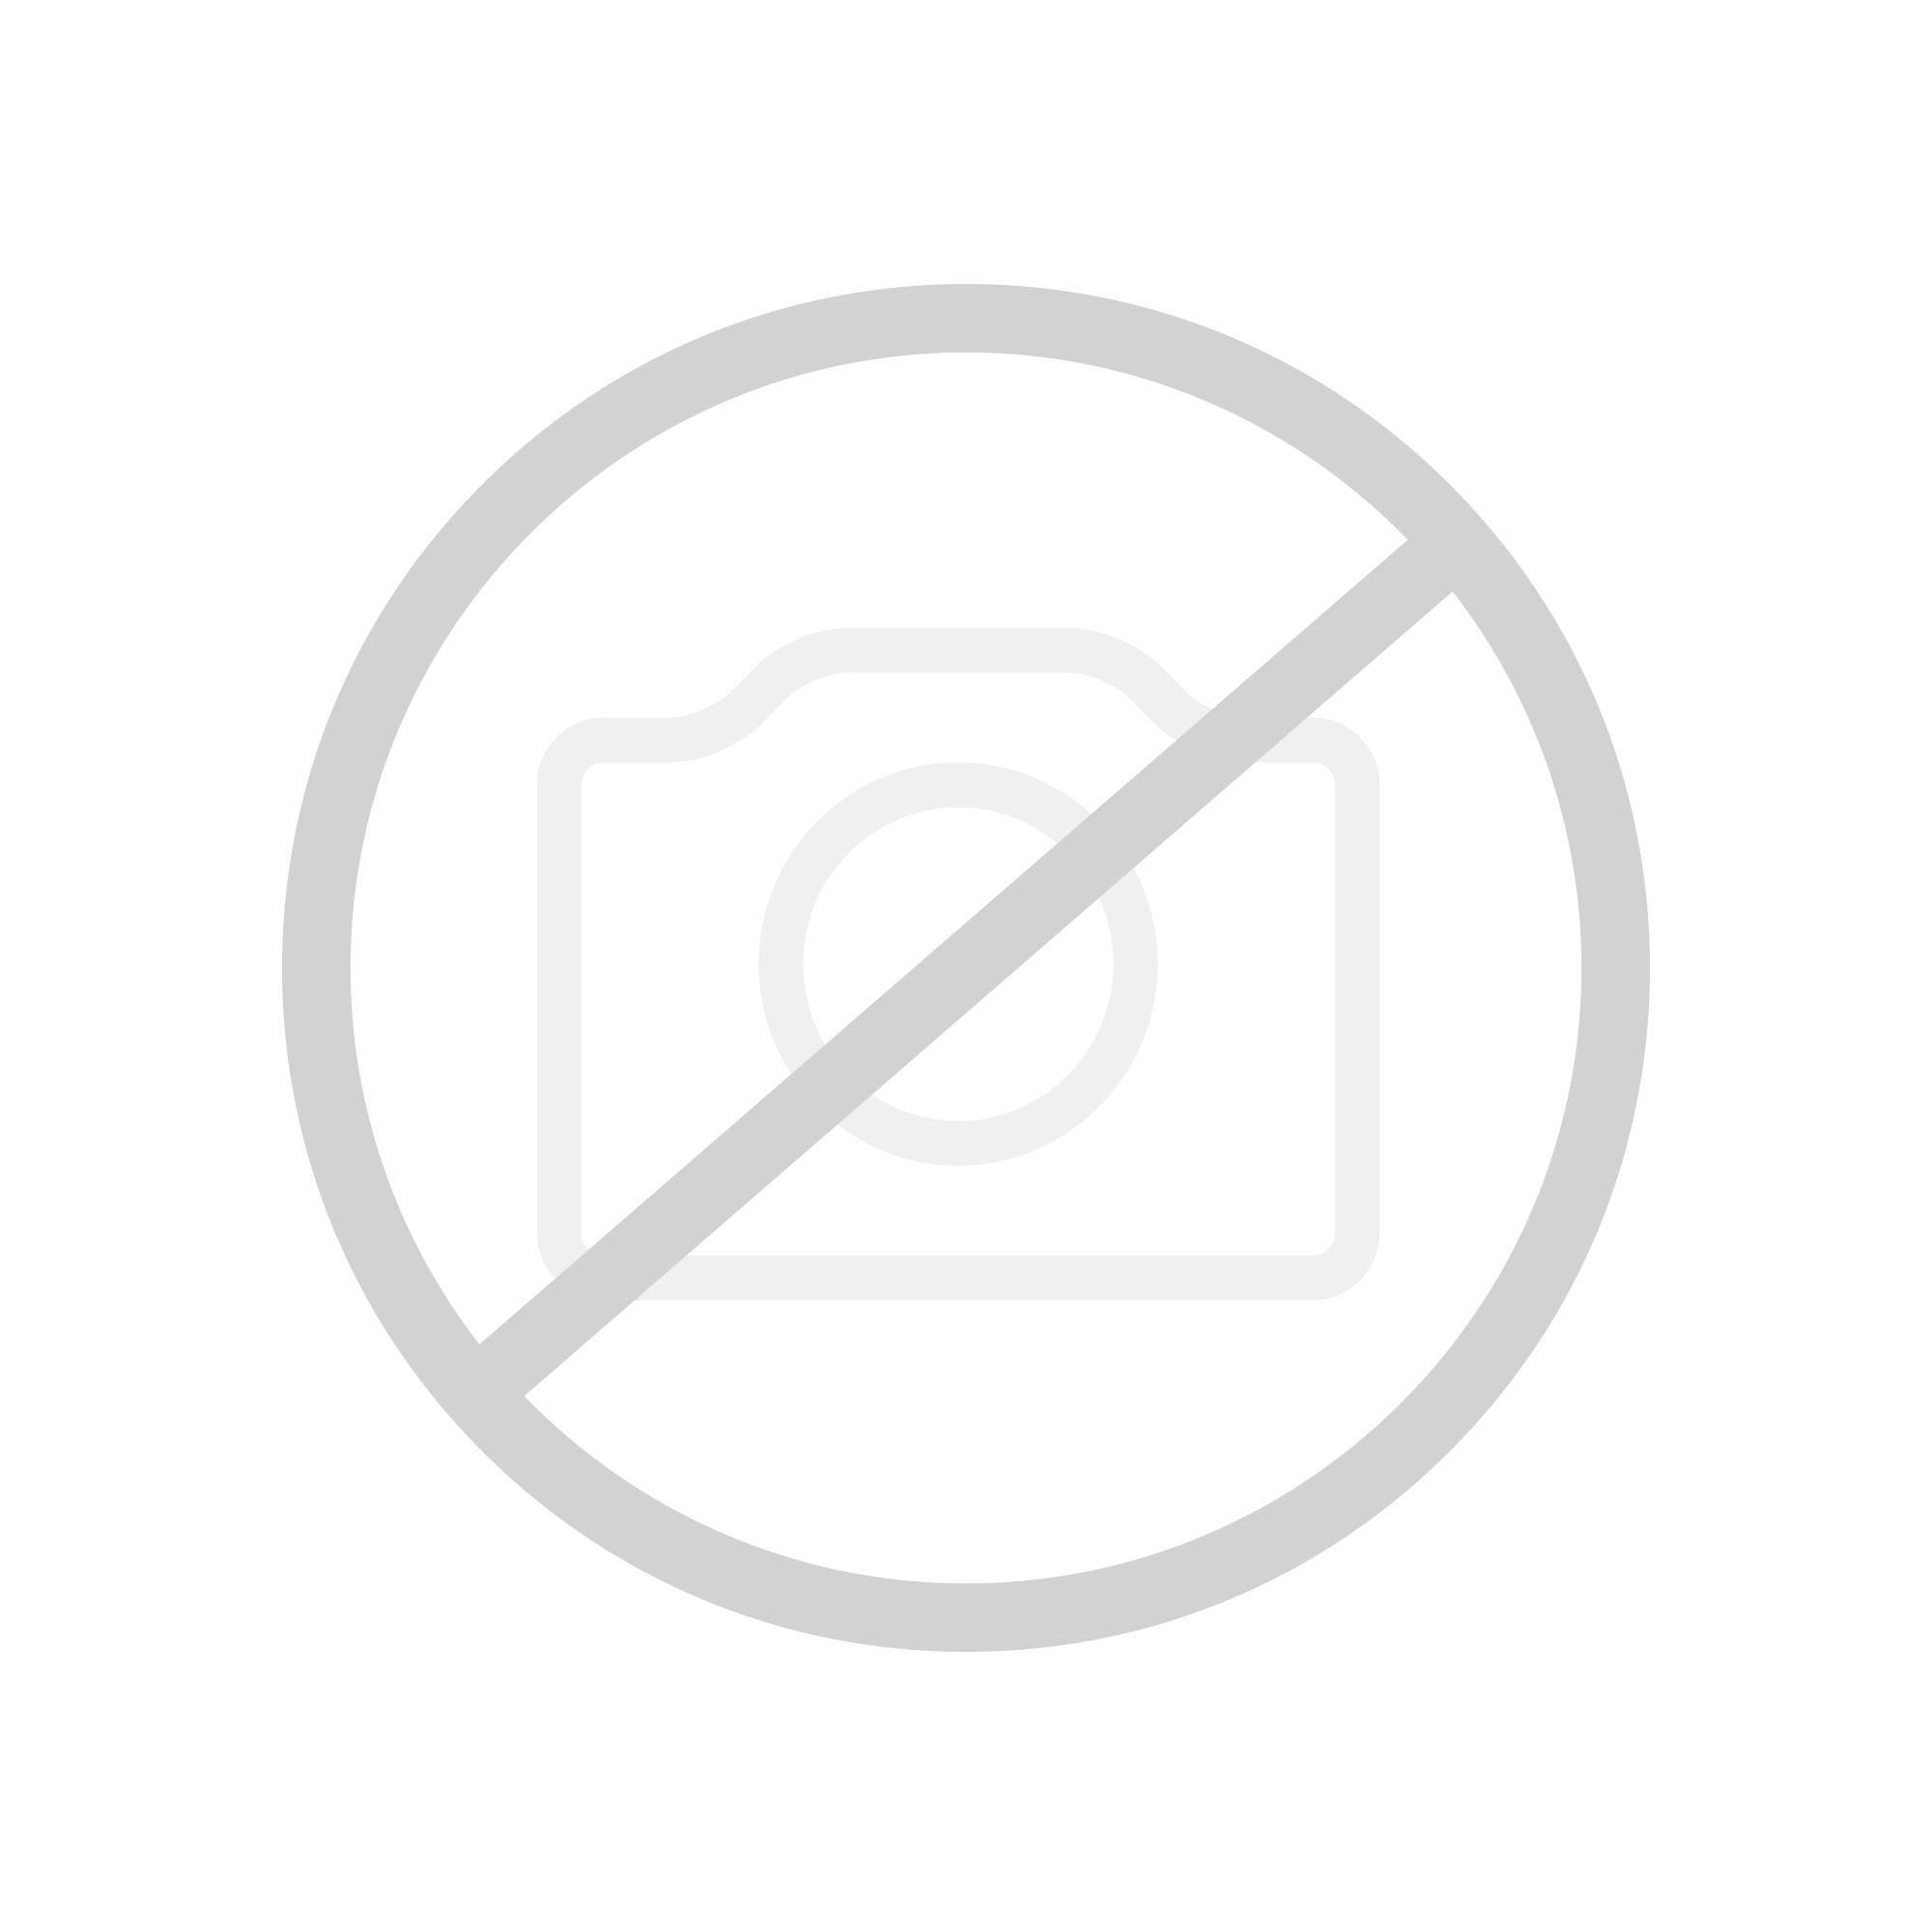 Hansgrohe Metris Einhebel-Waschtischarmatur 230, mit Schwenkauslauf, DN15